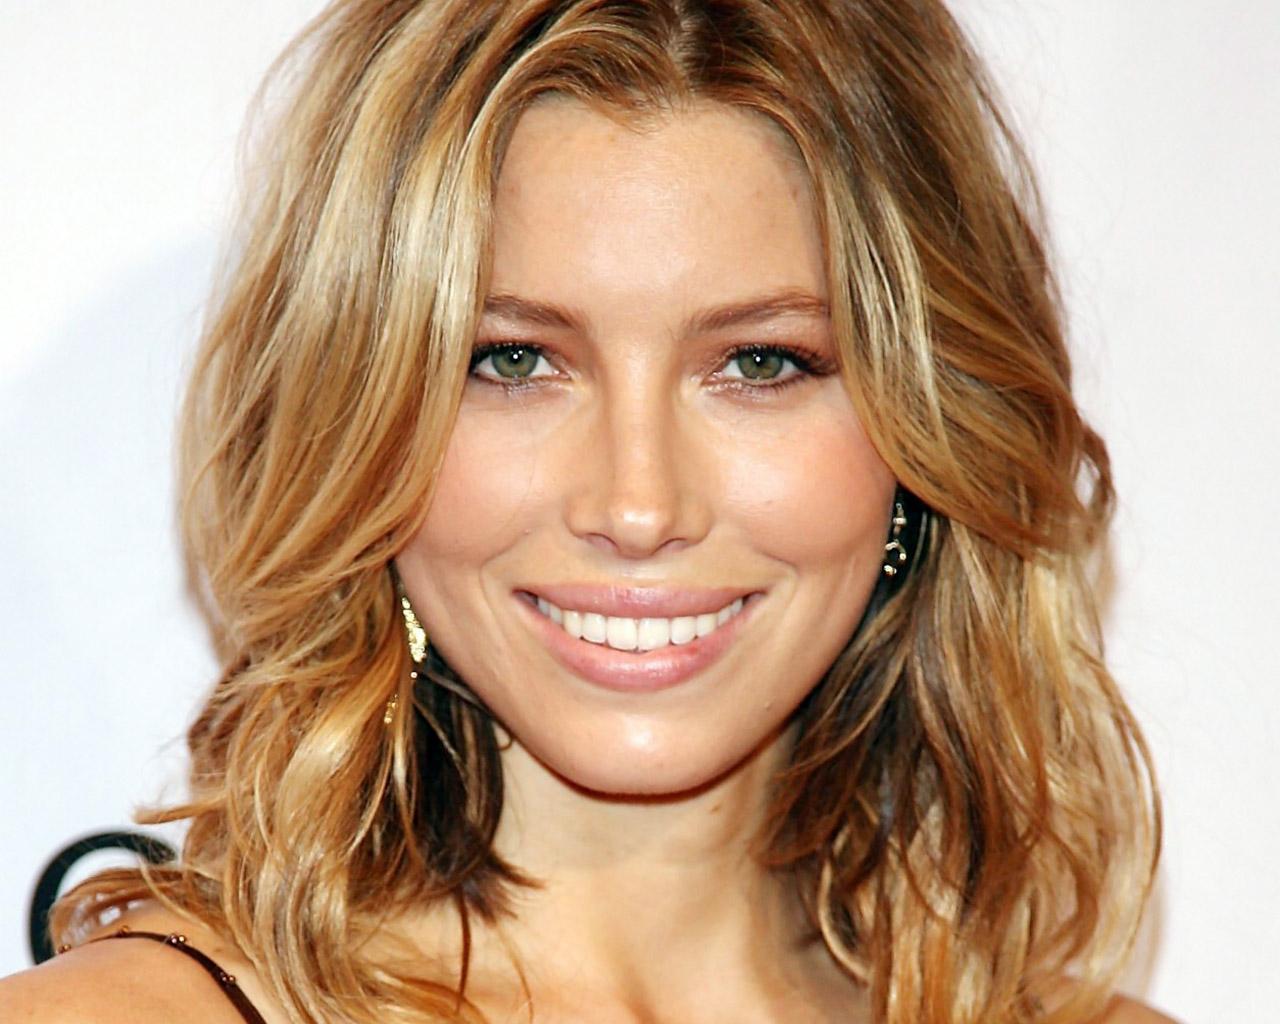 http://4.bp.blogspot.com/-JNCsCRAsygk/T6J70nQwYMI/AAAAAAAAKHM/wRt_N11vK9g/s1600/Jessica-jessica-biel-134885_1280_1024.jpg